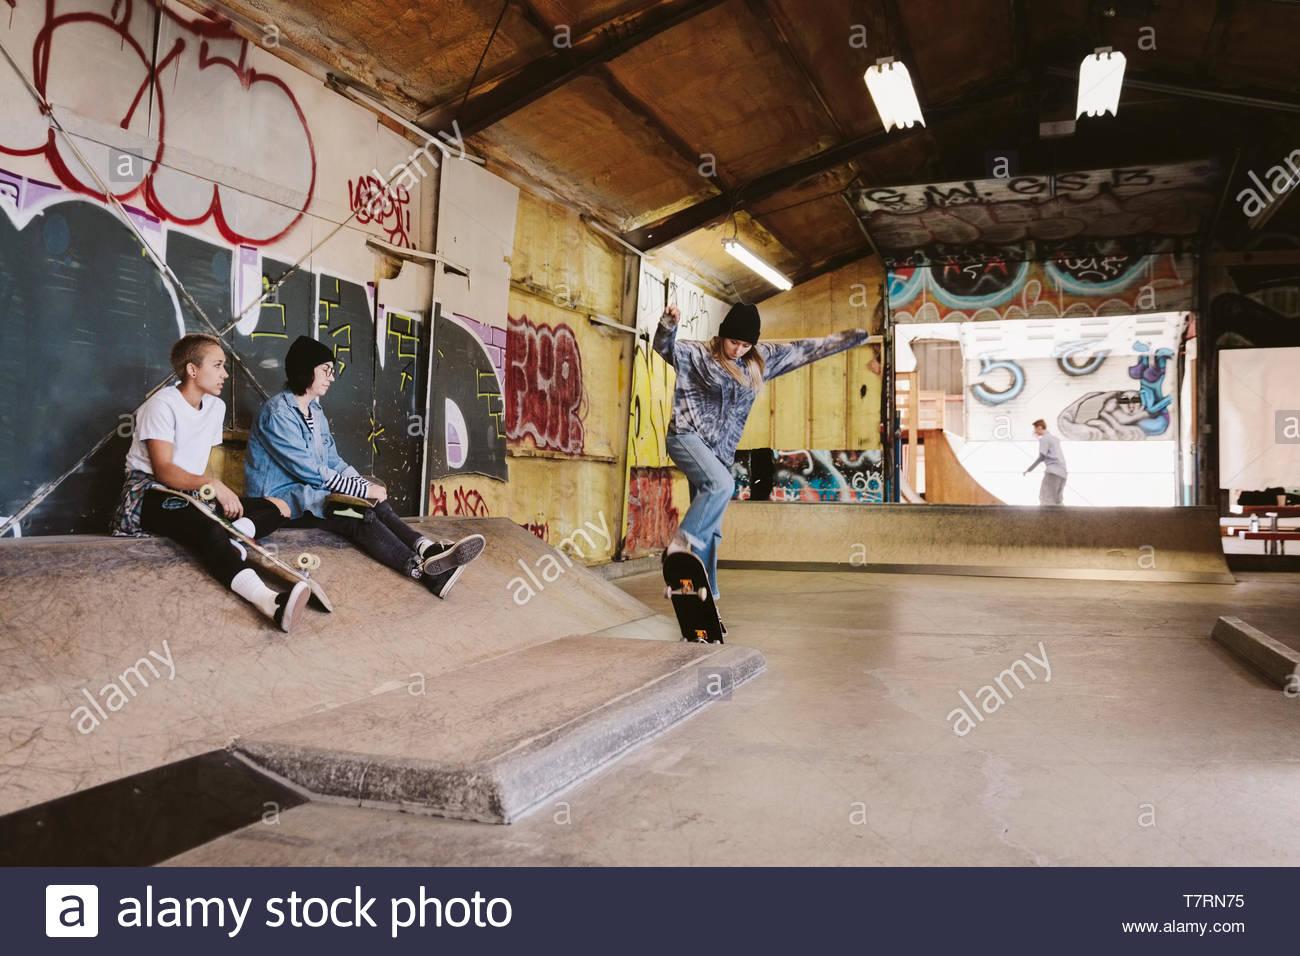 Friends skateboarding at indoor skate park - Stock Image